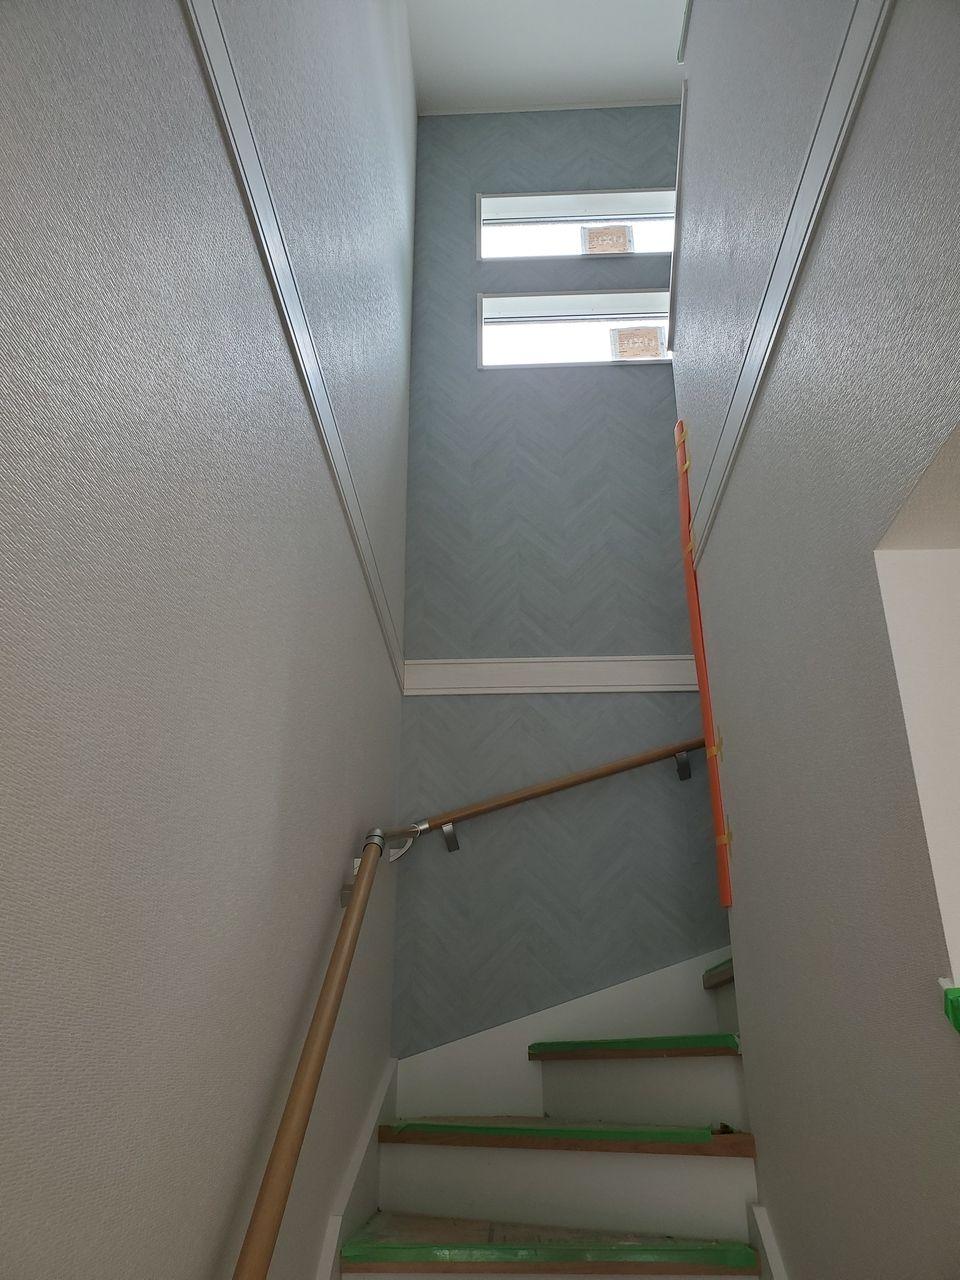 毎日上り下りする階段